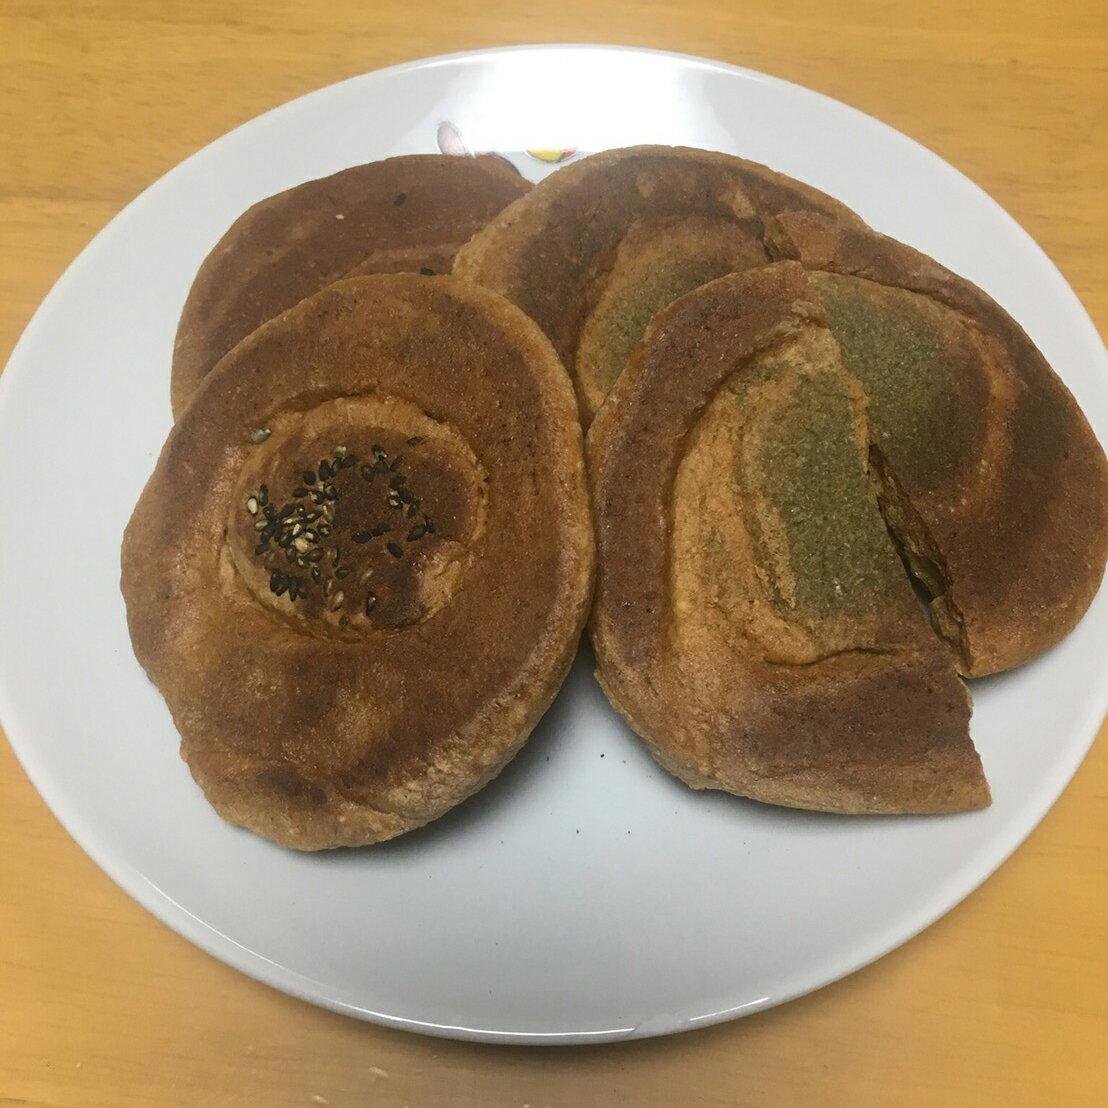 かたやき(堅焼き)せんべい24枚セット 堅い煎餅 伊賀 土産・おみやげにもおすすめ 和菓子(お菓子・焼き菓子)_画像2